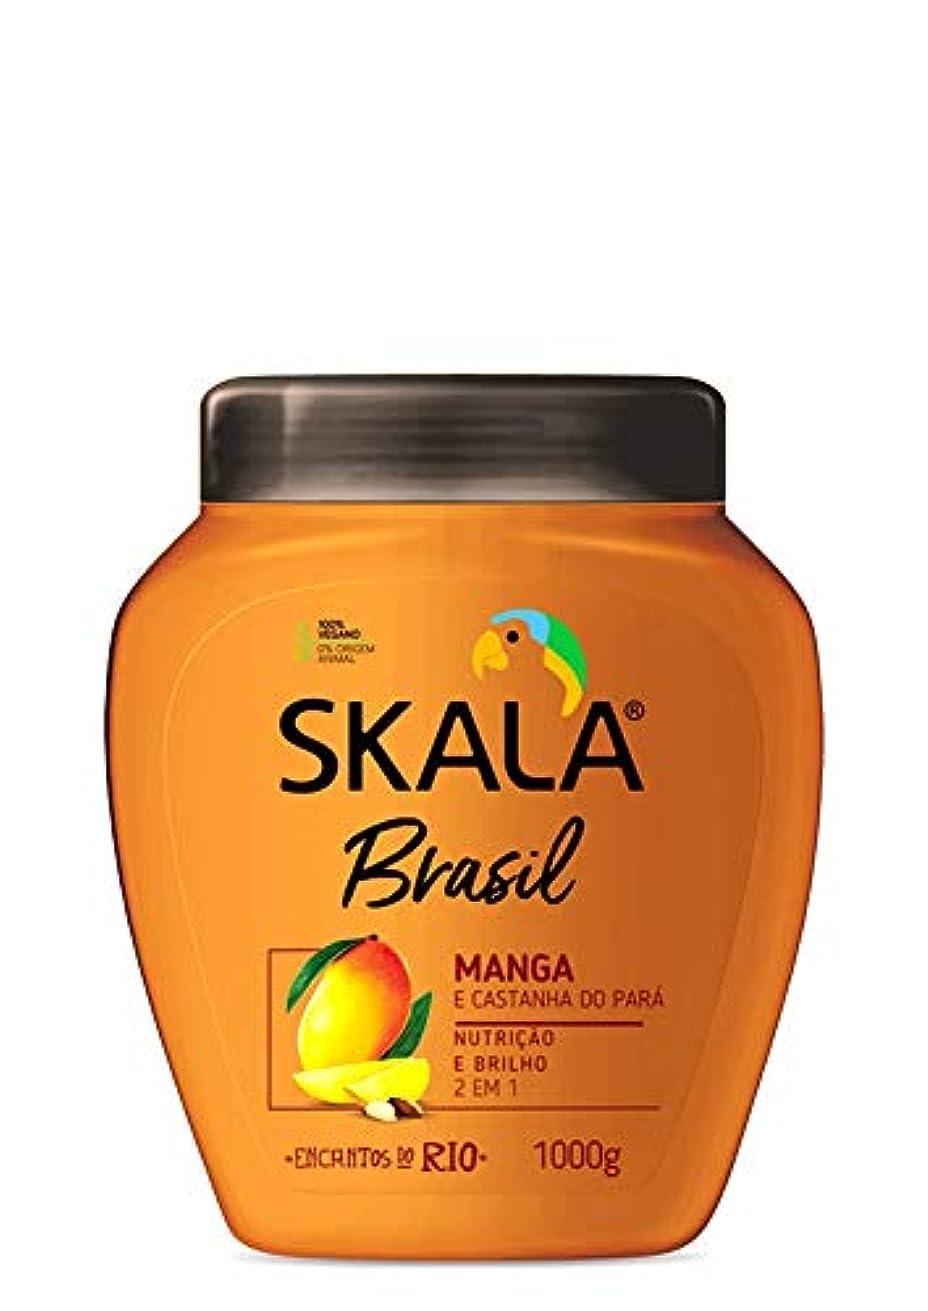 証明する旋律的スラムSkala Brasil スカラブラジル マンゴー&パラ栗 オールヘア用 2イン1 トリートメントクリーム 1kg